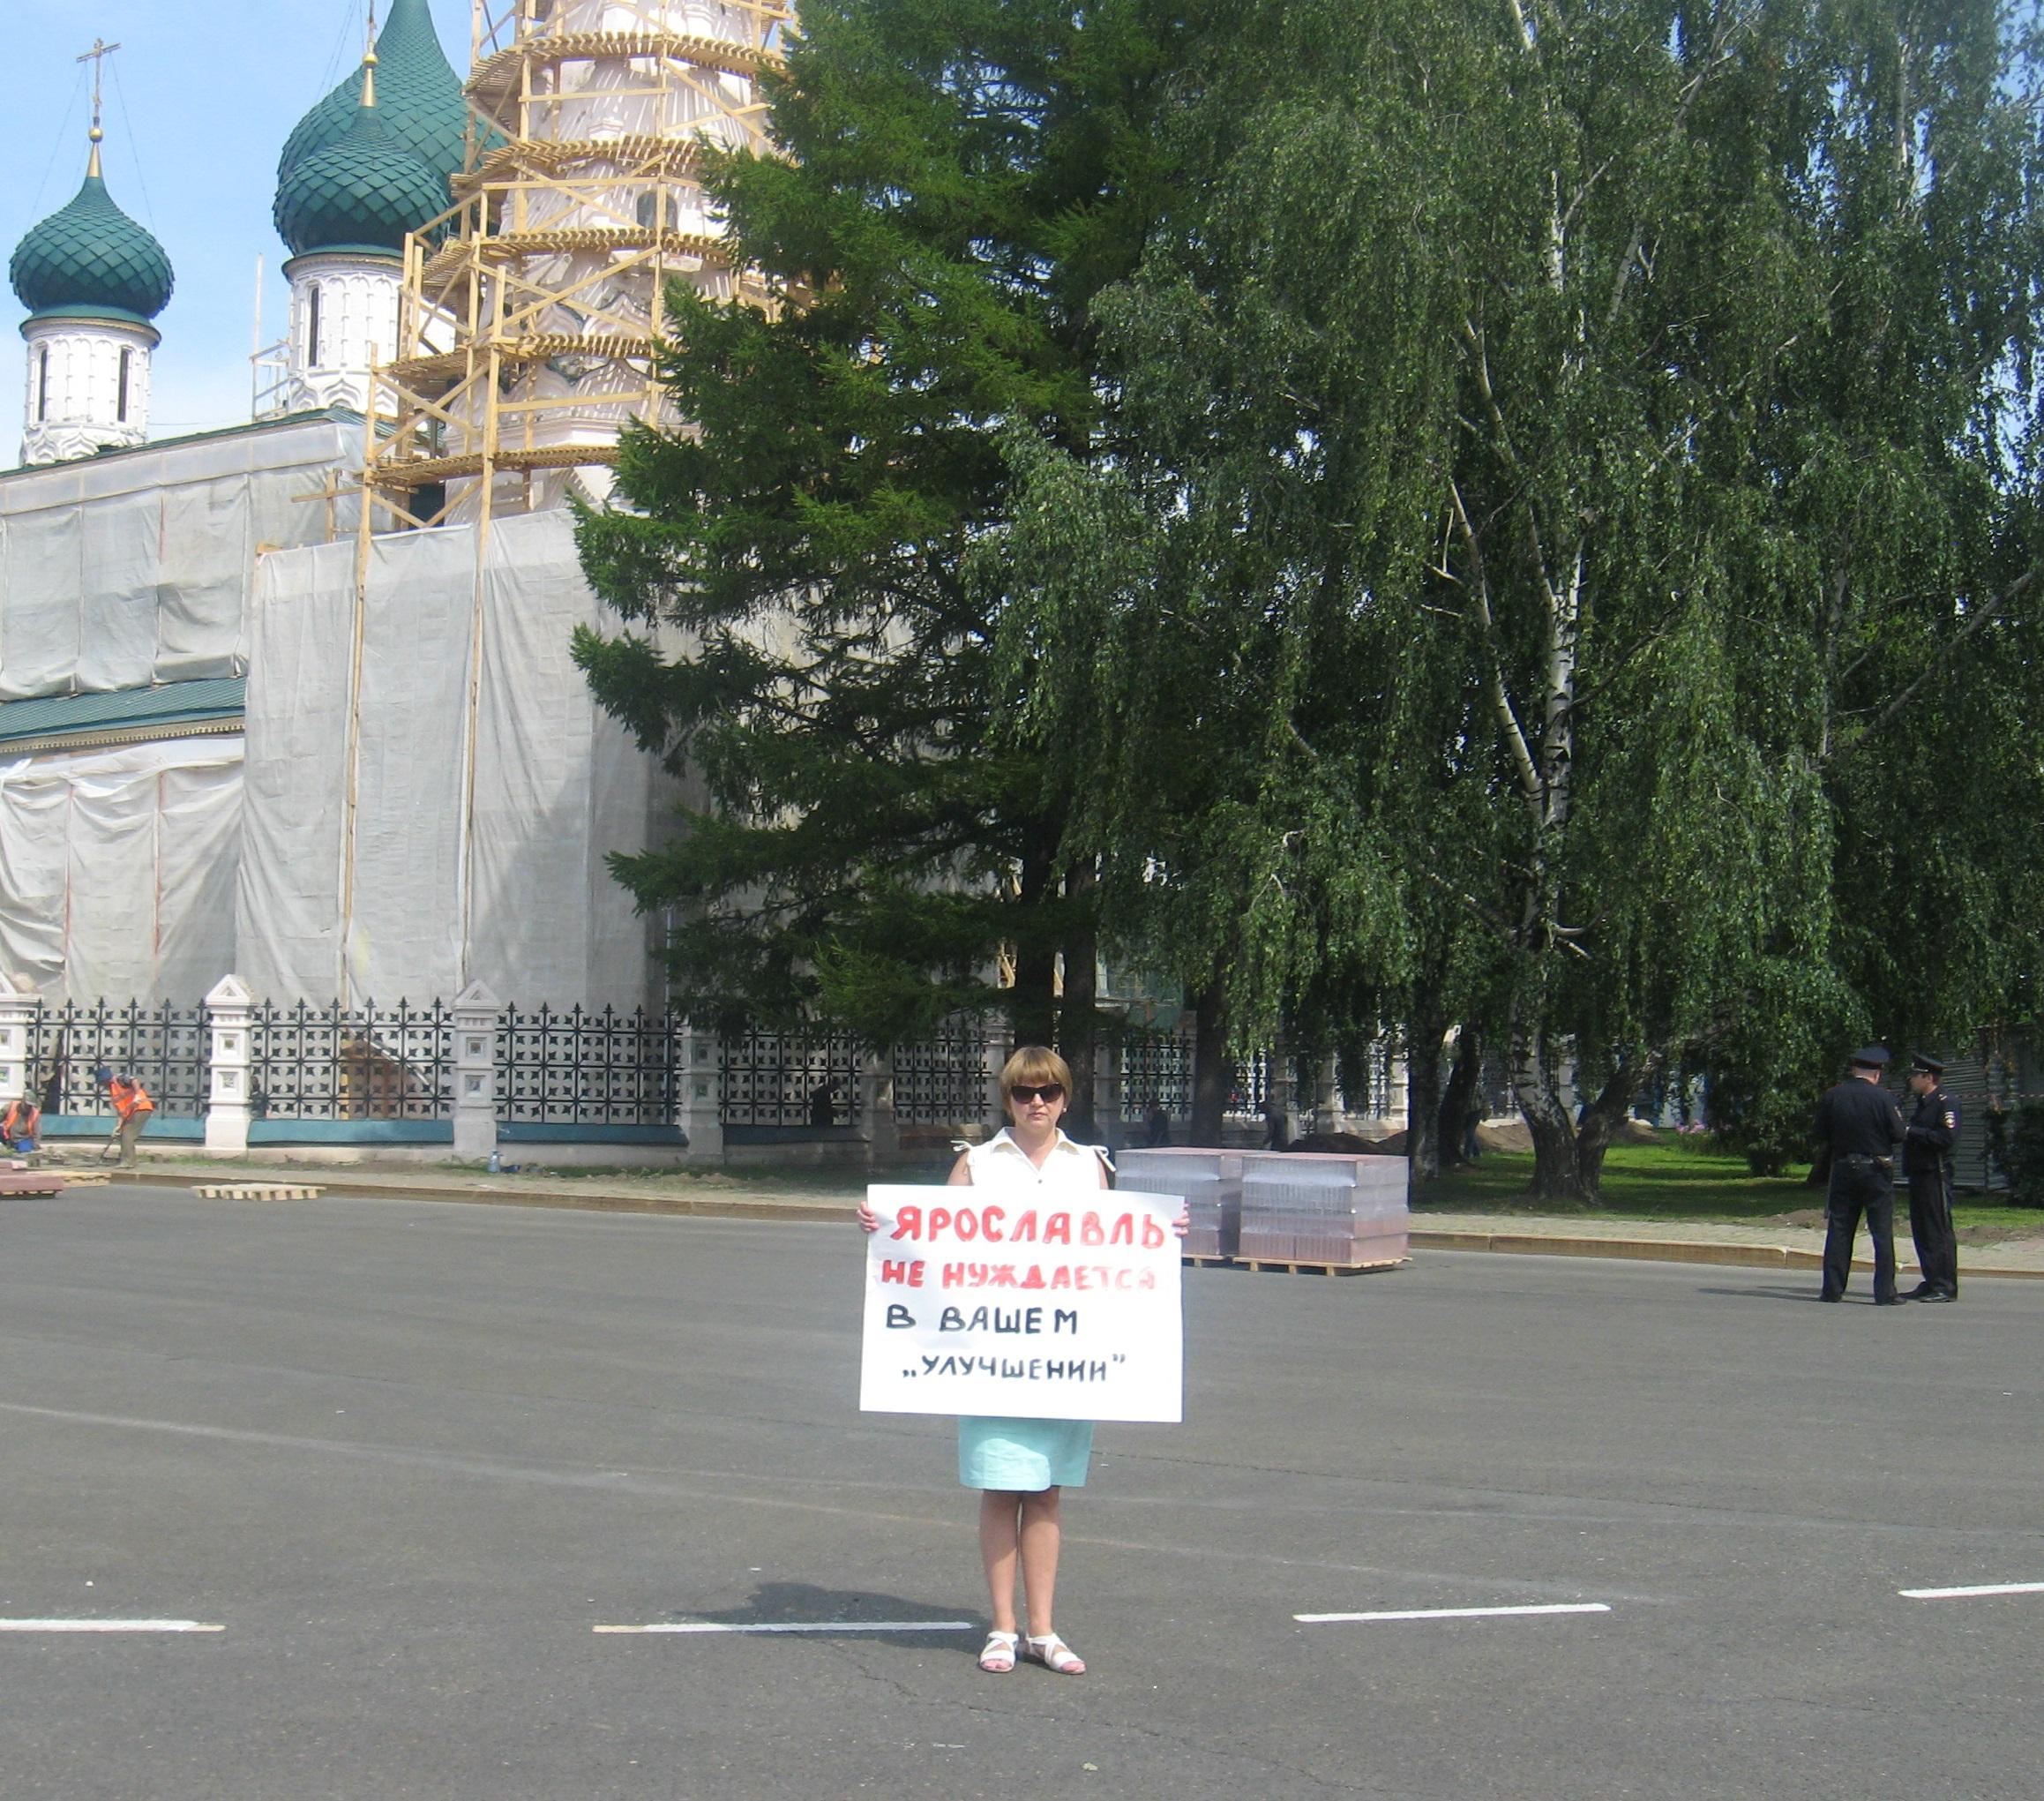 Нет уничтожению исторического облика Ярославля